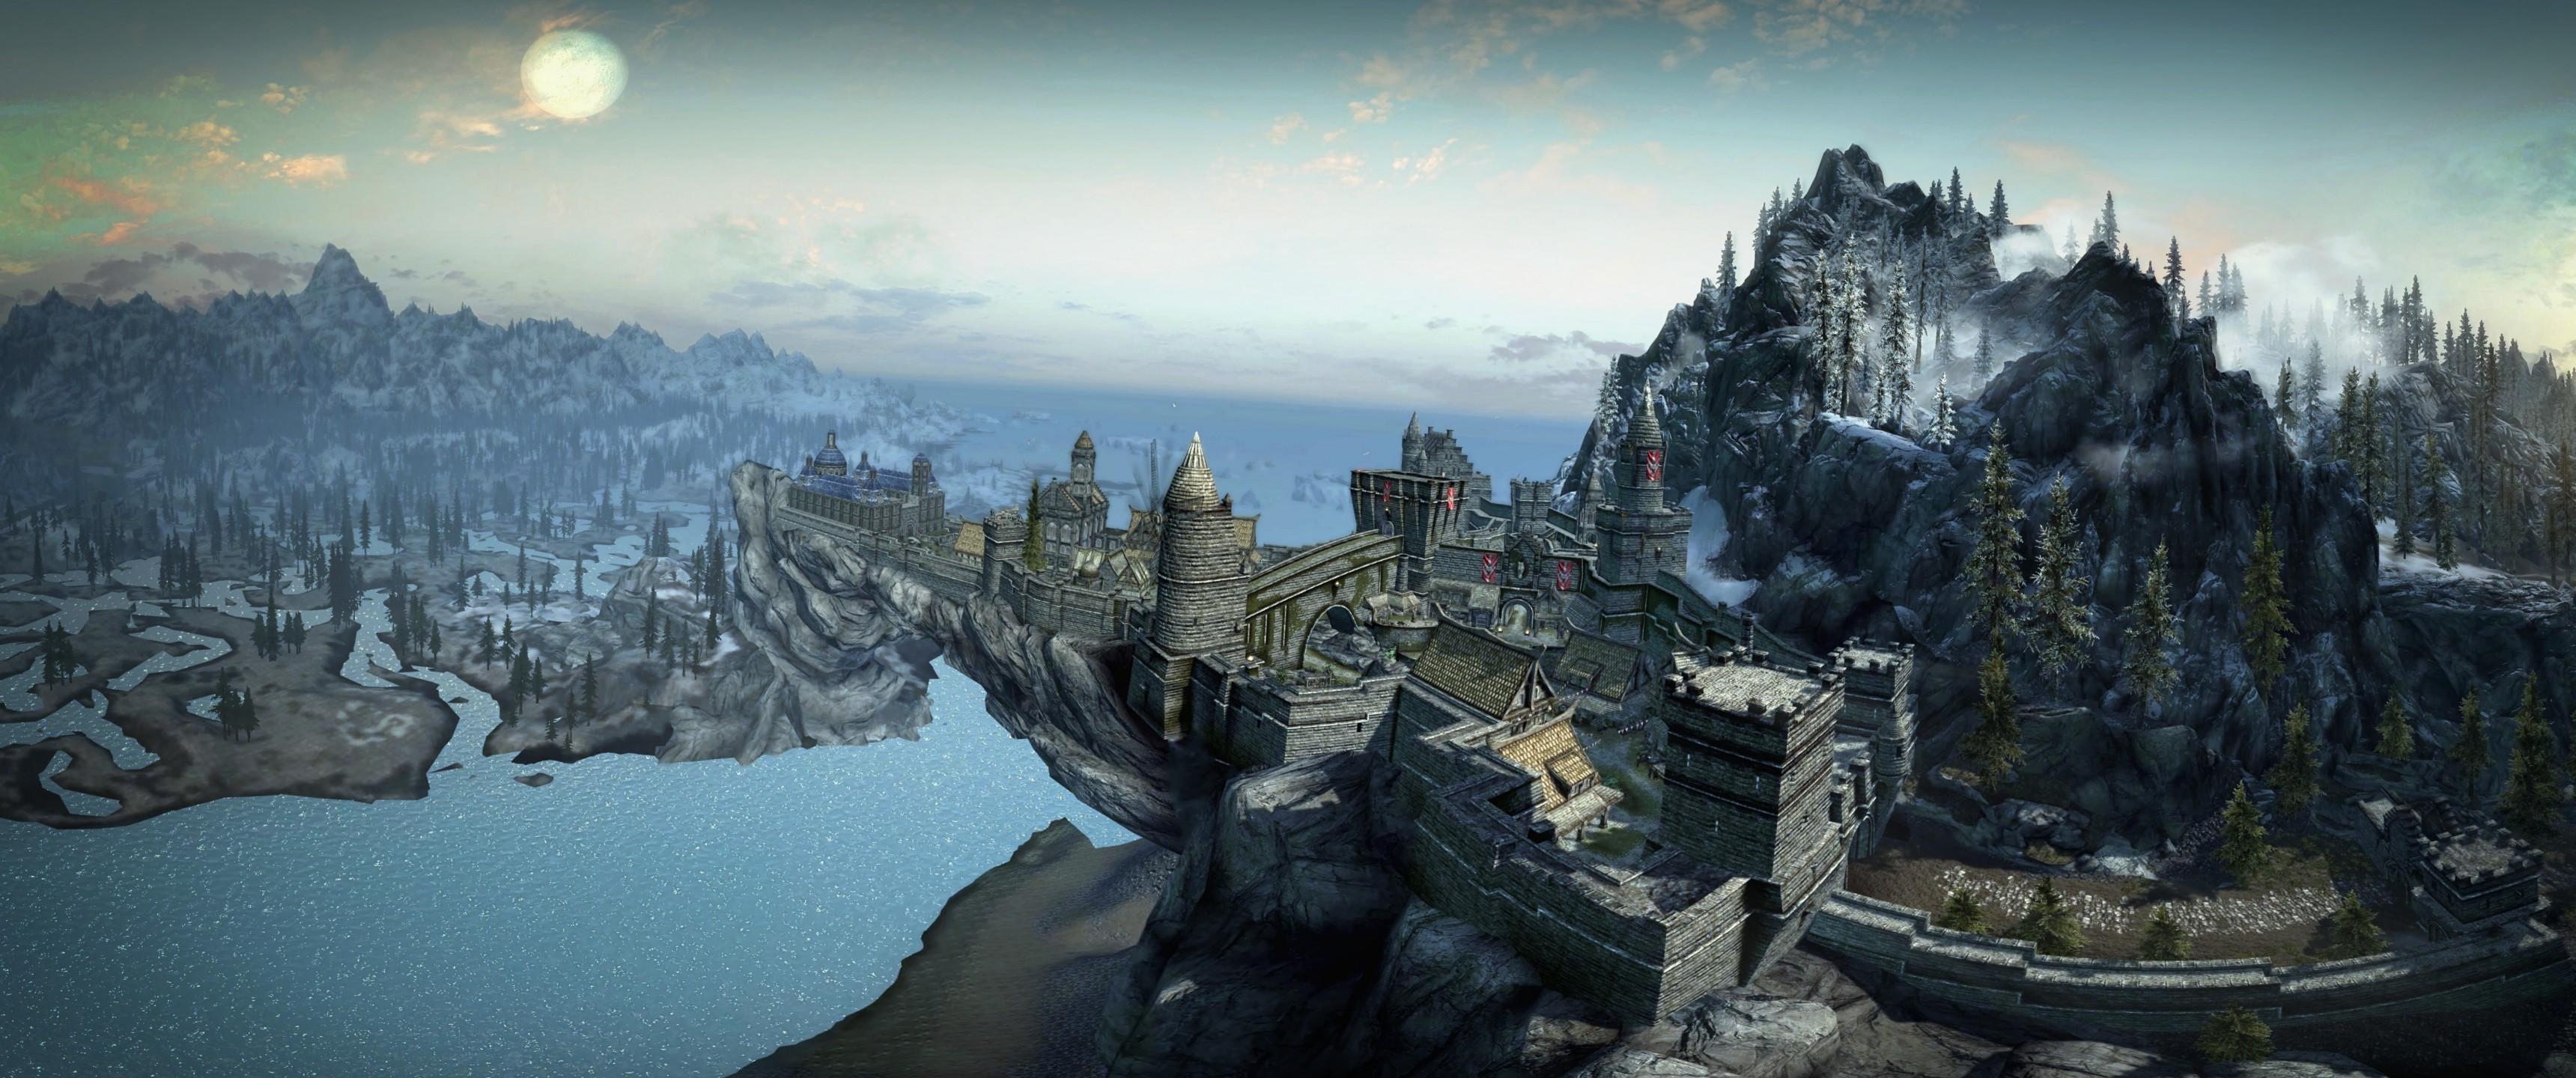 The Elder Scrolls V: Skyrim, Video Games Wallpapers HD / Desktop and Mobile  Backgrounds